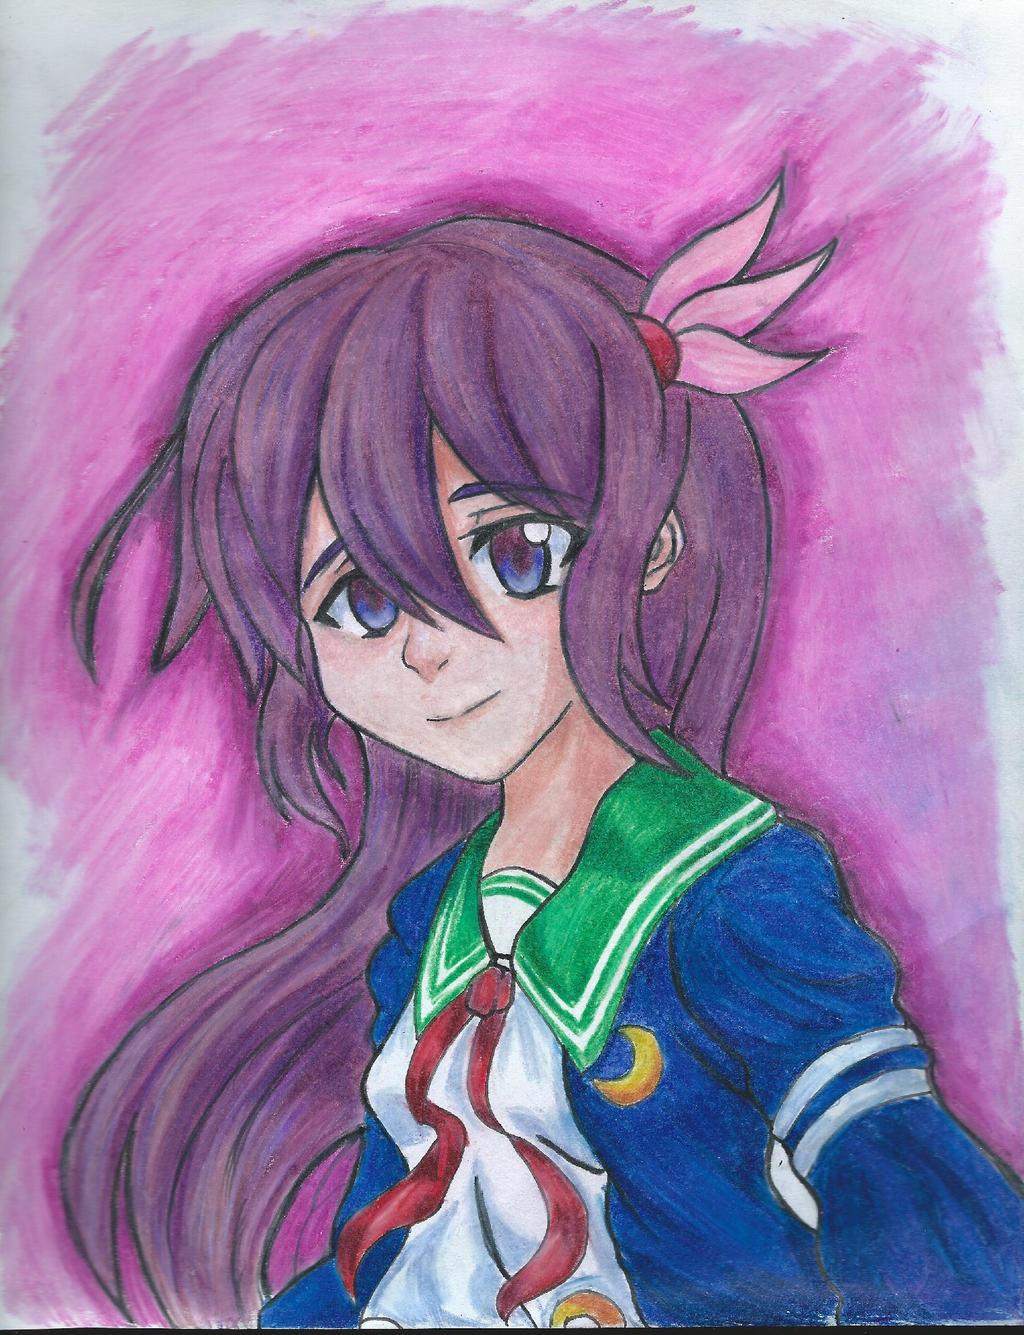 Kisaragi by KaroRushe